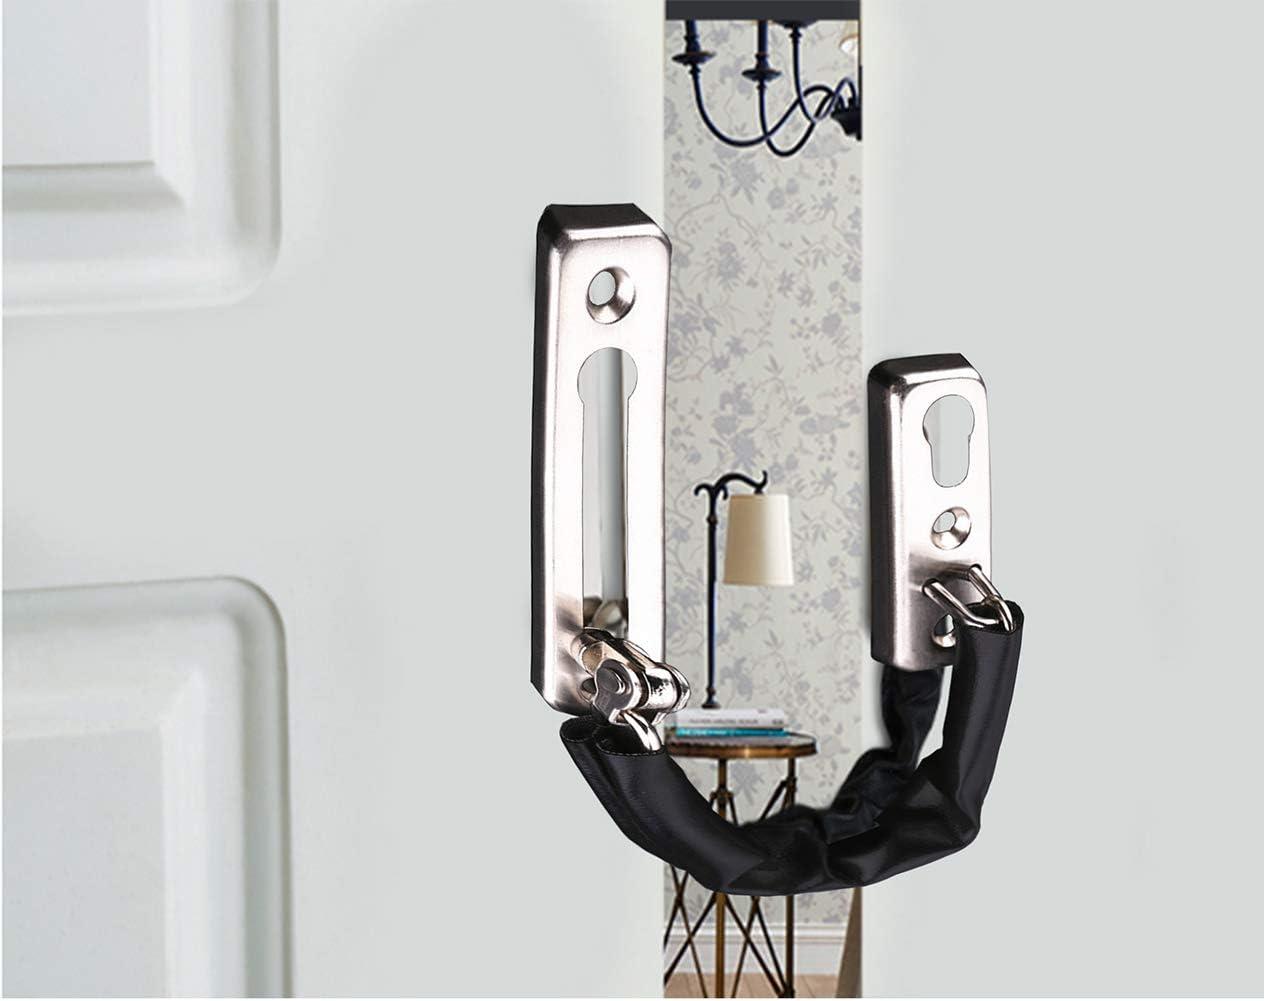 Tiberham Heavy Duty Vordert/ürkette T/ürbegrenzer Schiebet/ürkette Sicherheitsschloss f/ür sicherere Anruferkennung und Sicherheit zu Hause T/ür Sicherheits Kette